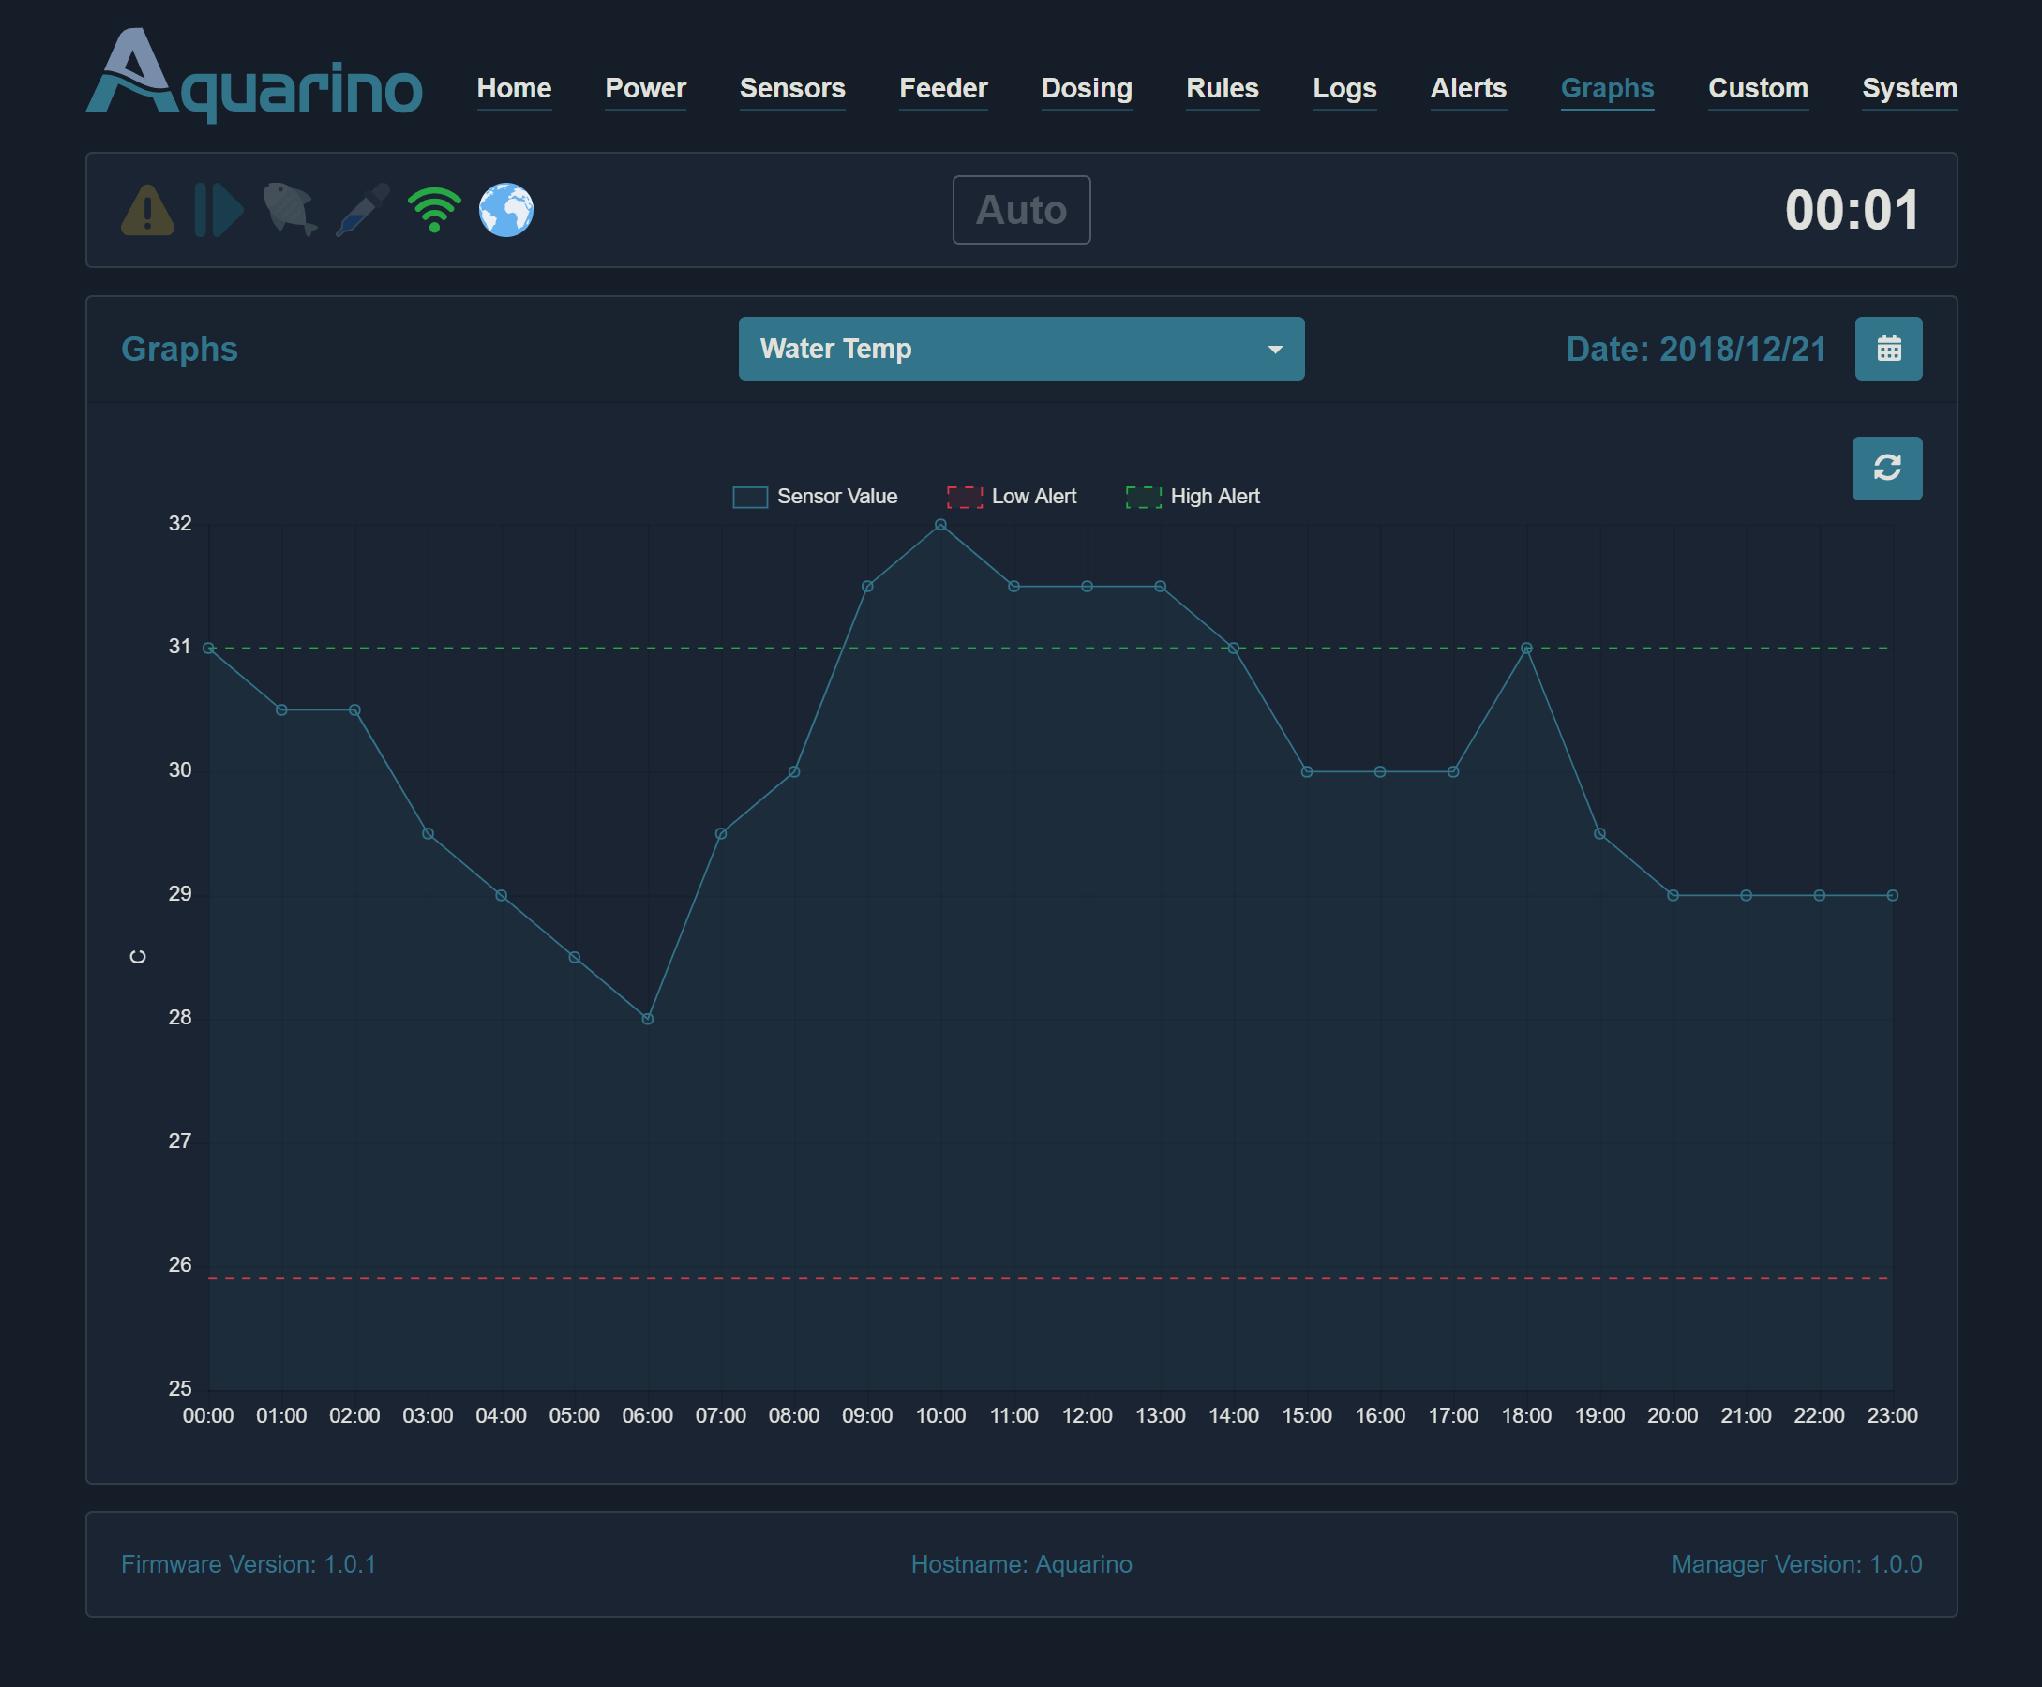 Aquarino LocalManager Graphs